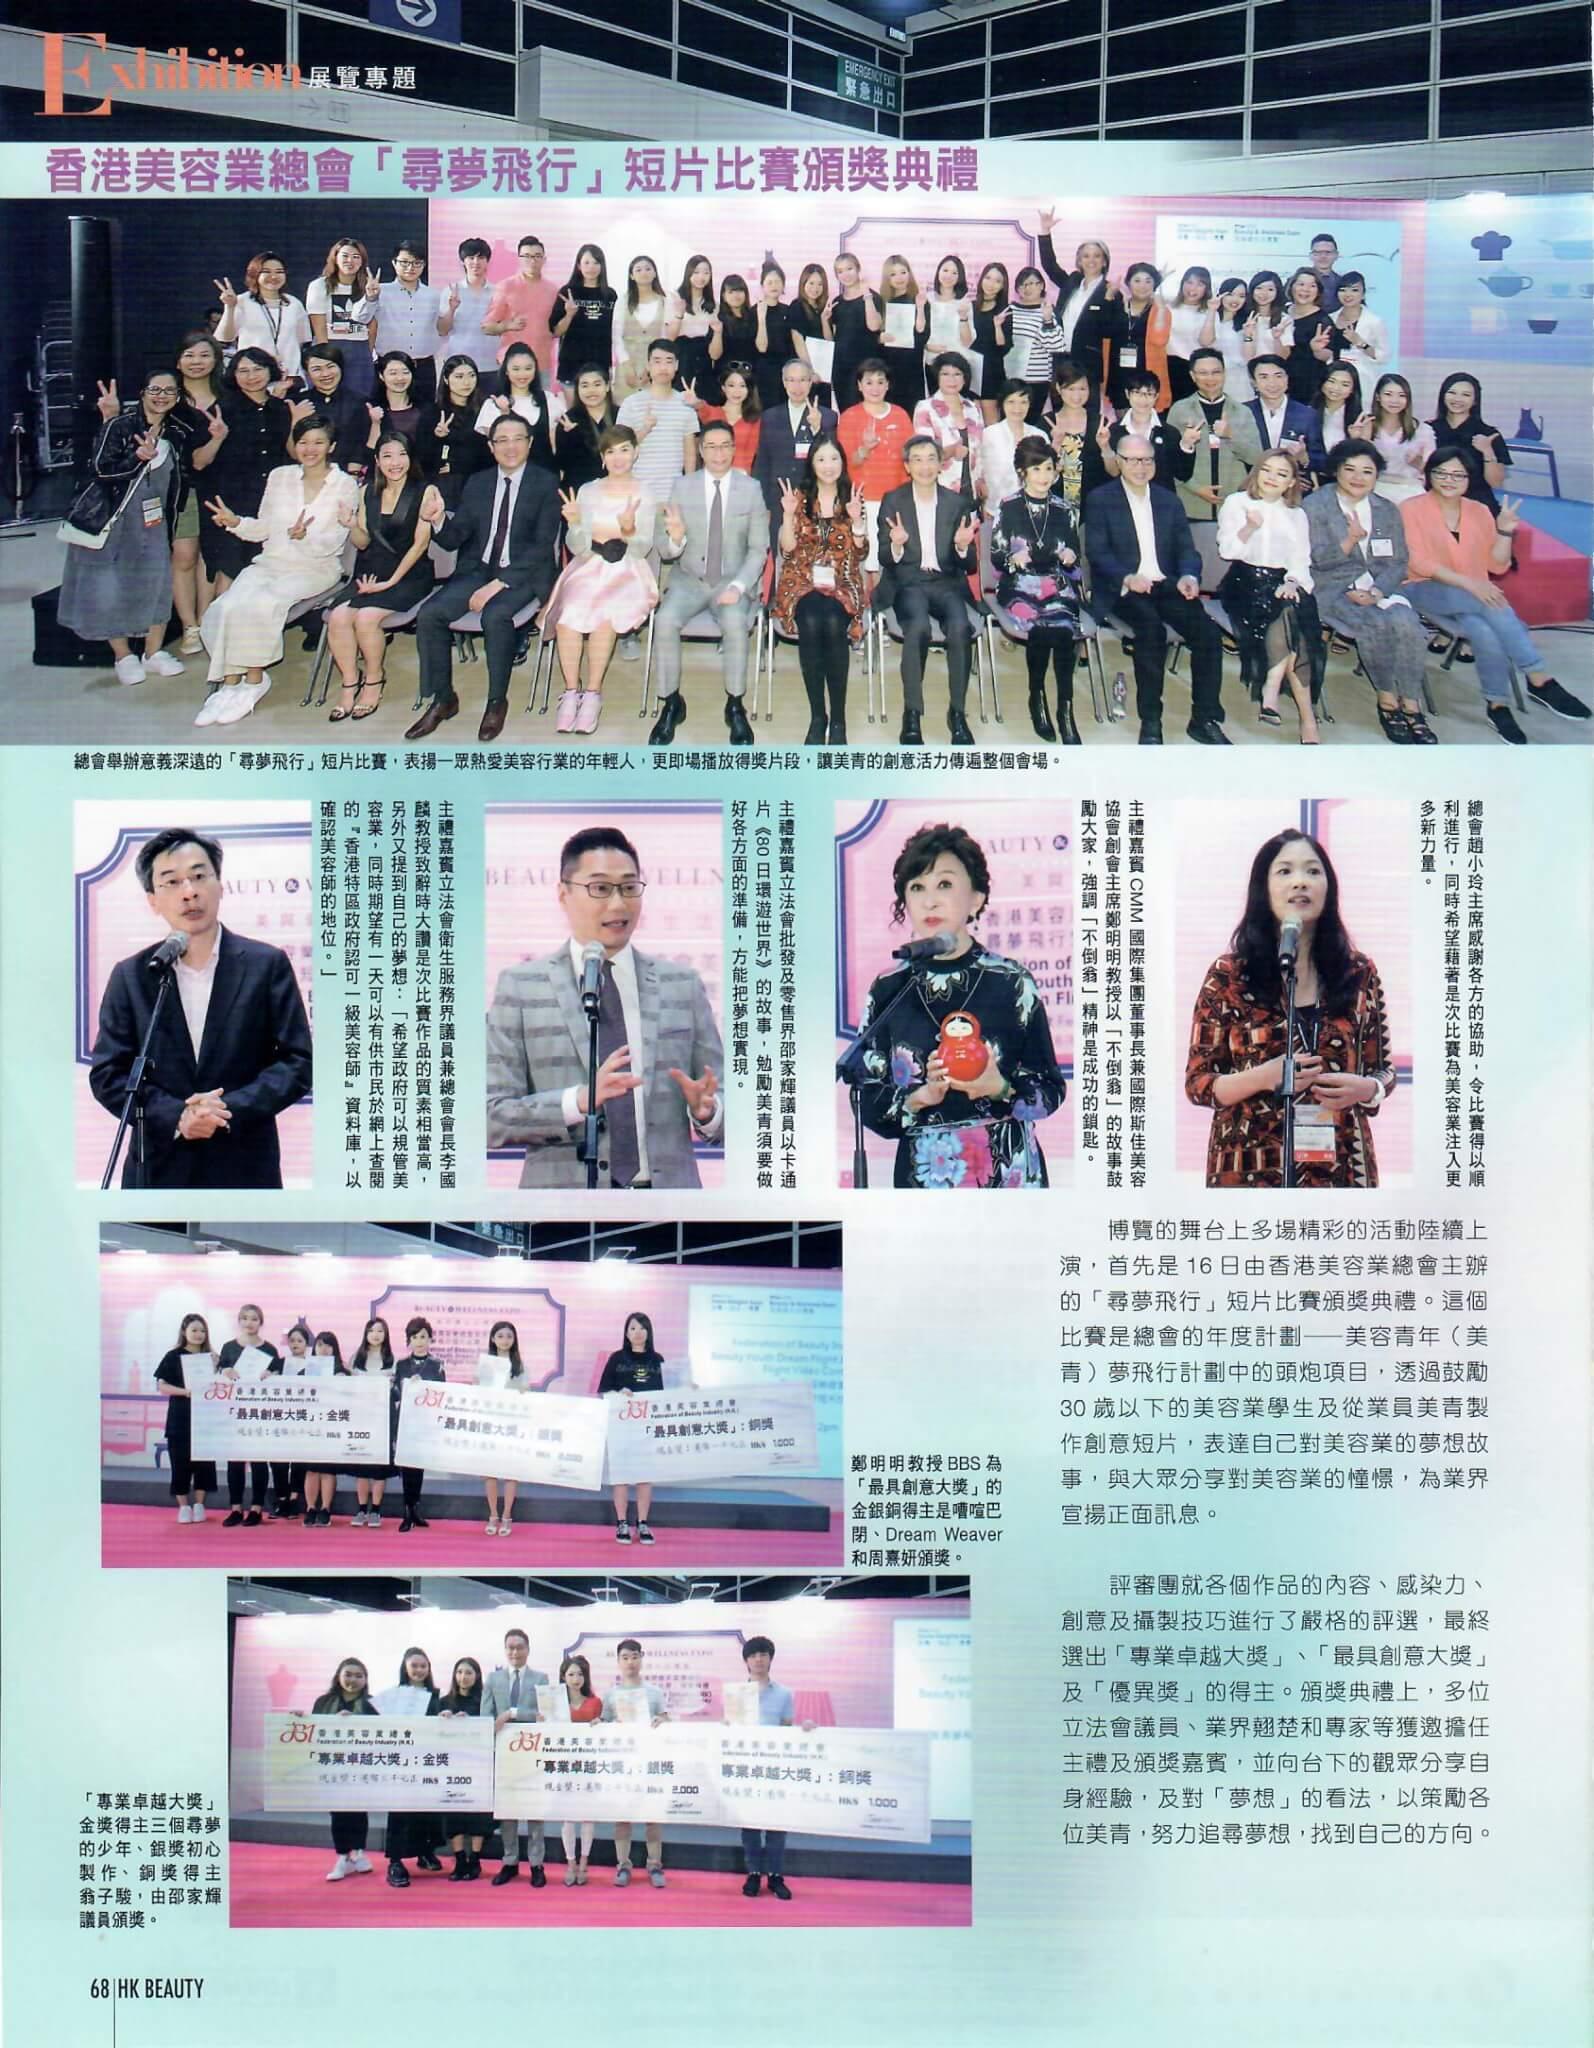 201808 Beauty and Wellness0002